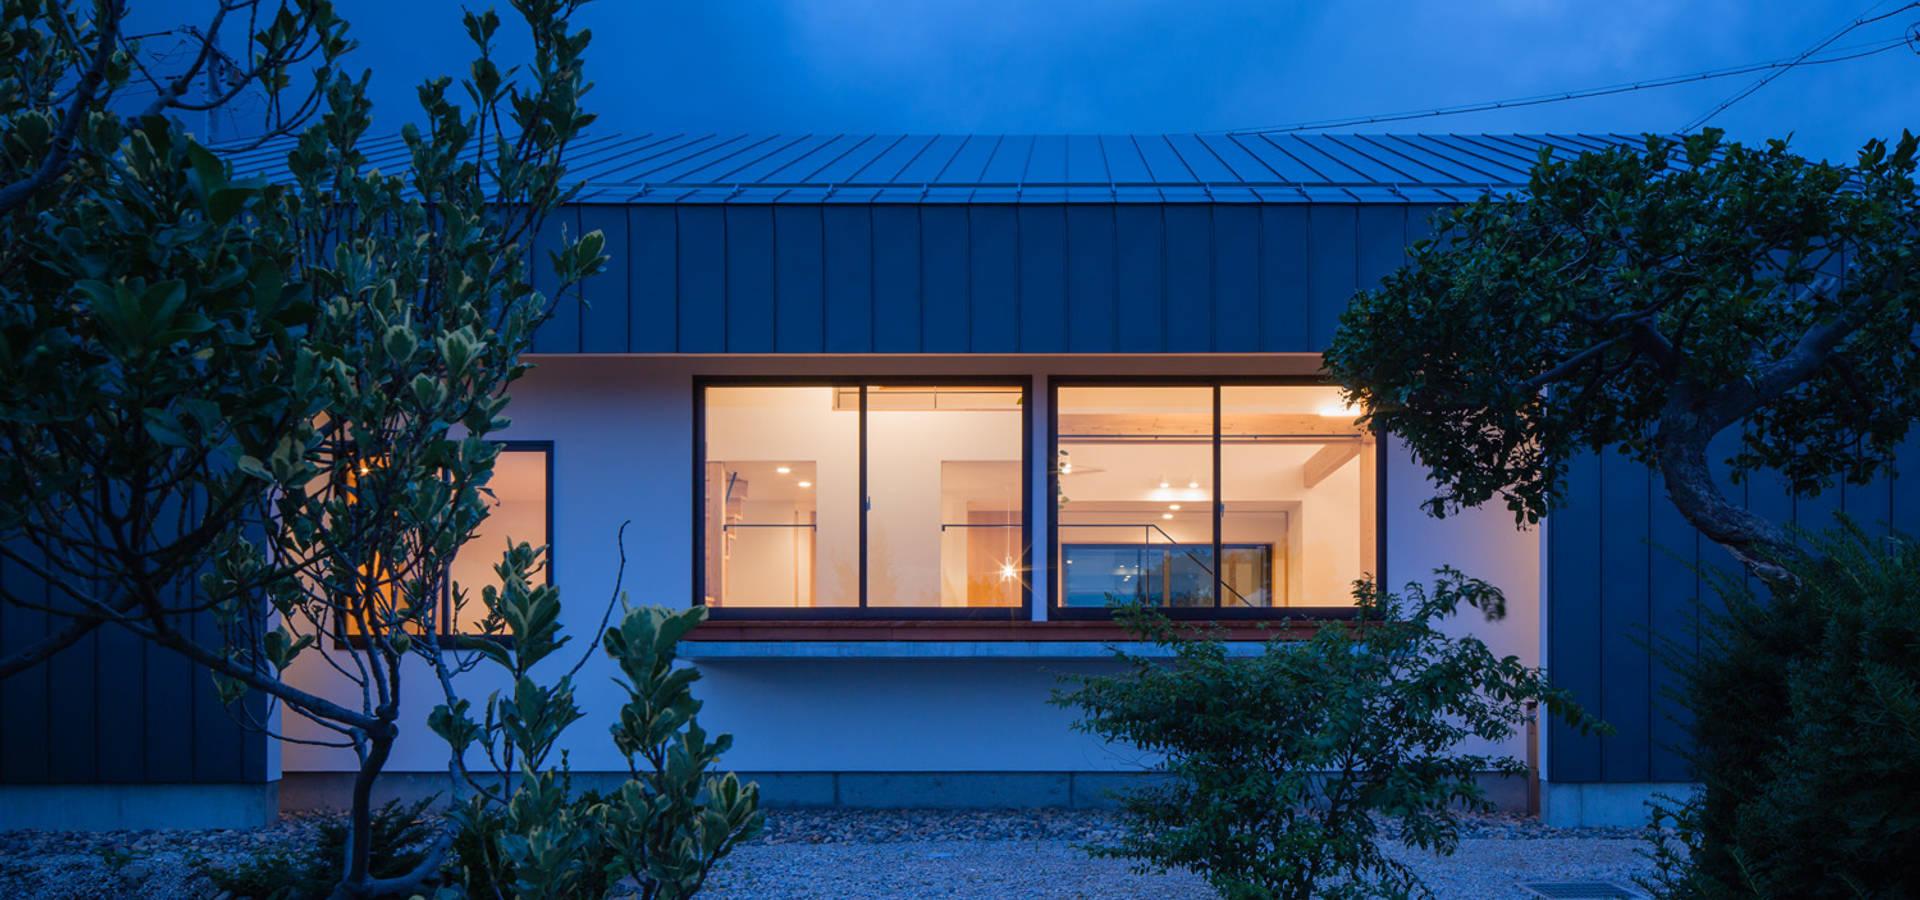 スタジオアウラ一級建築士事務所